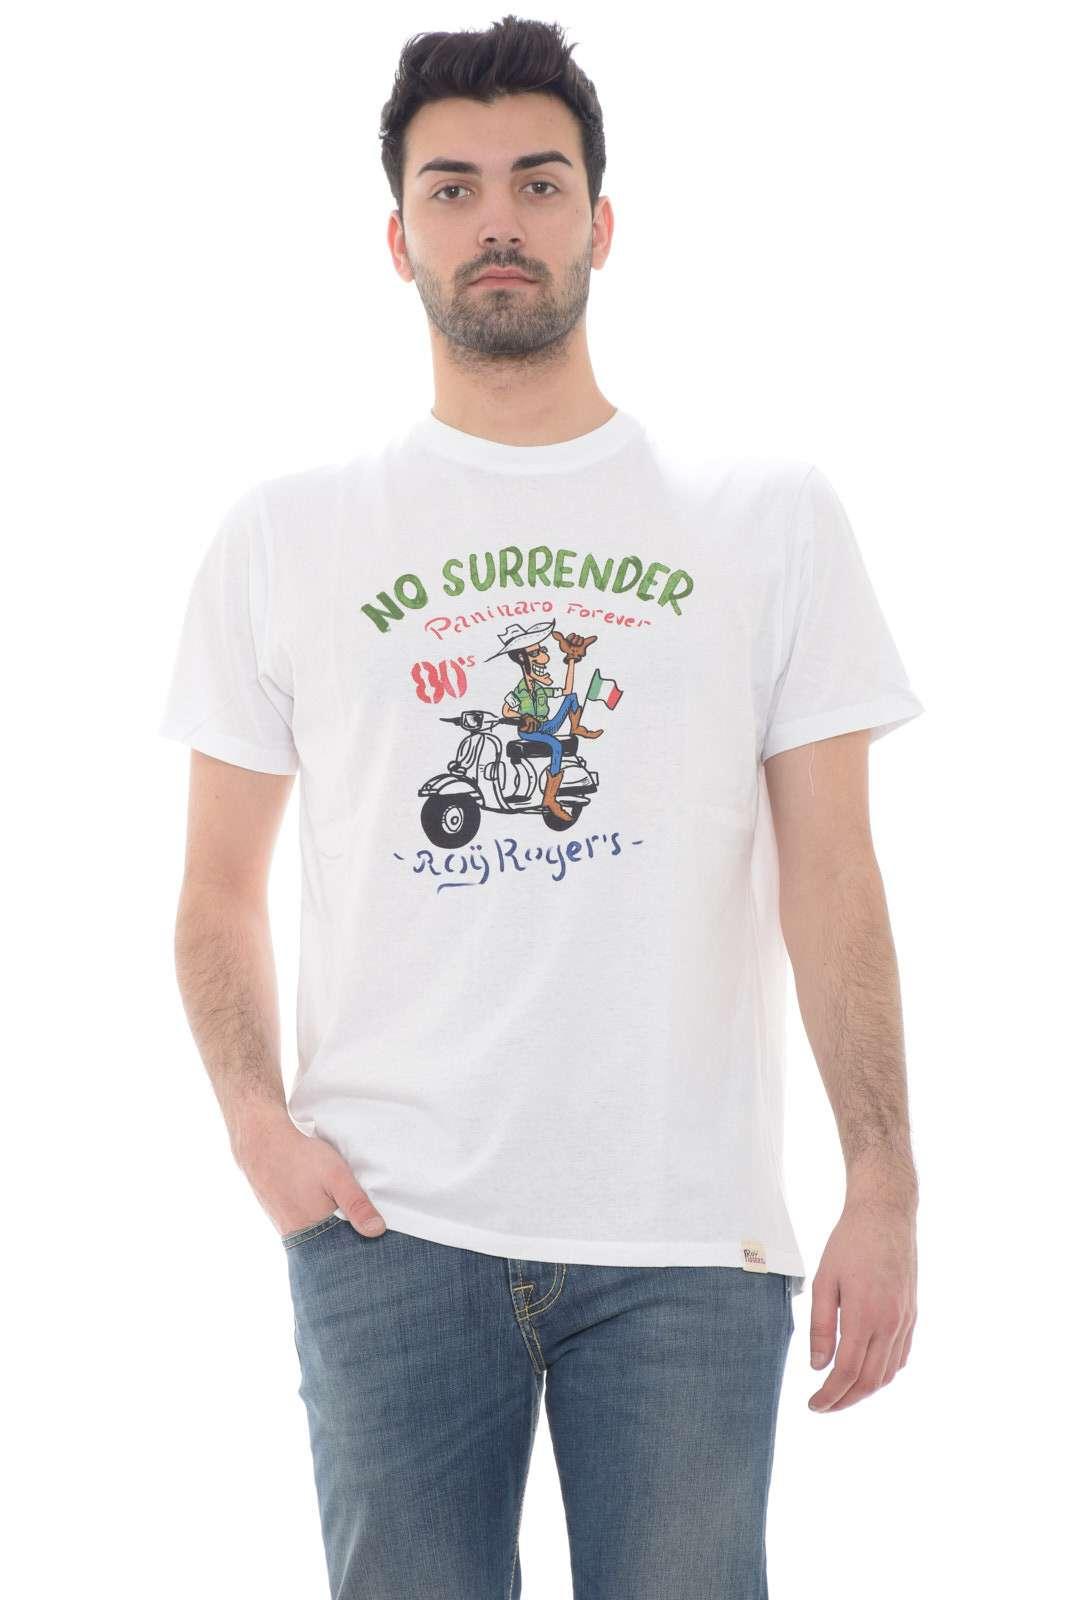 Pratica e dallo stile minimal, la T shirt proposta dalla collezione uomo Roy Roger's unisce tutti gusti. Perfetto con un jeans o con un bermuda ispira i look più quotidiani e semplici. Il comodo jersey di cotone garantisce un tocco comodo e fresco.